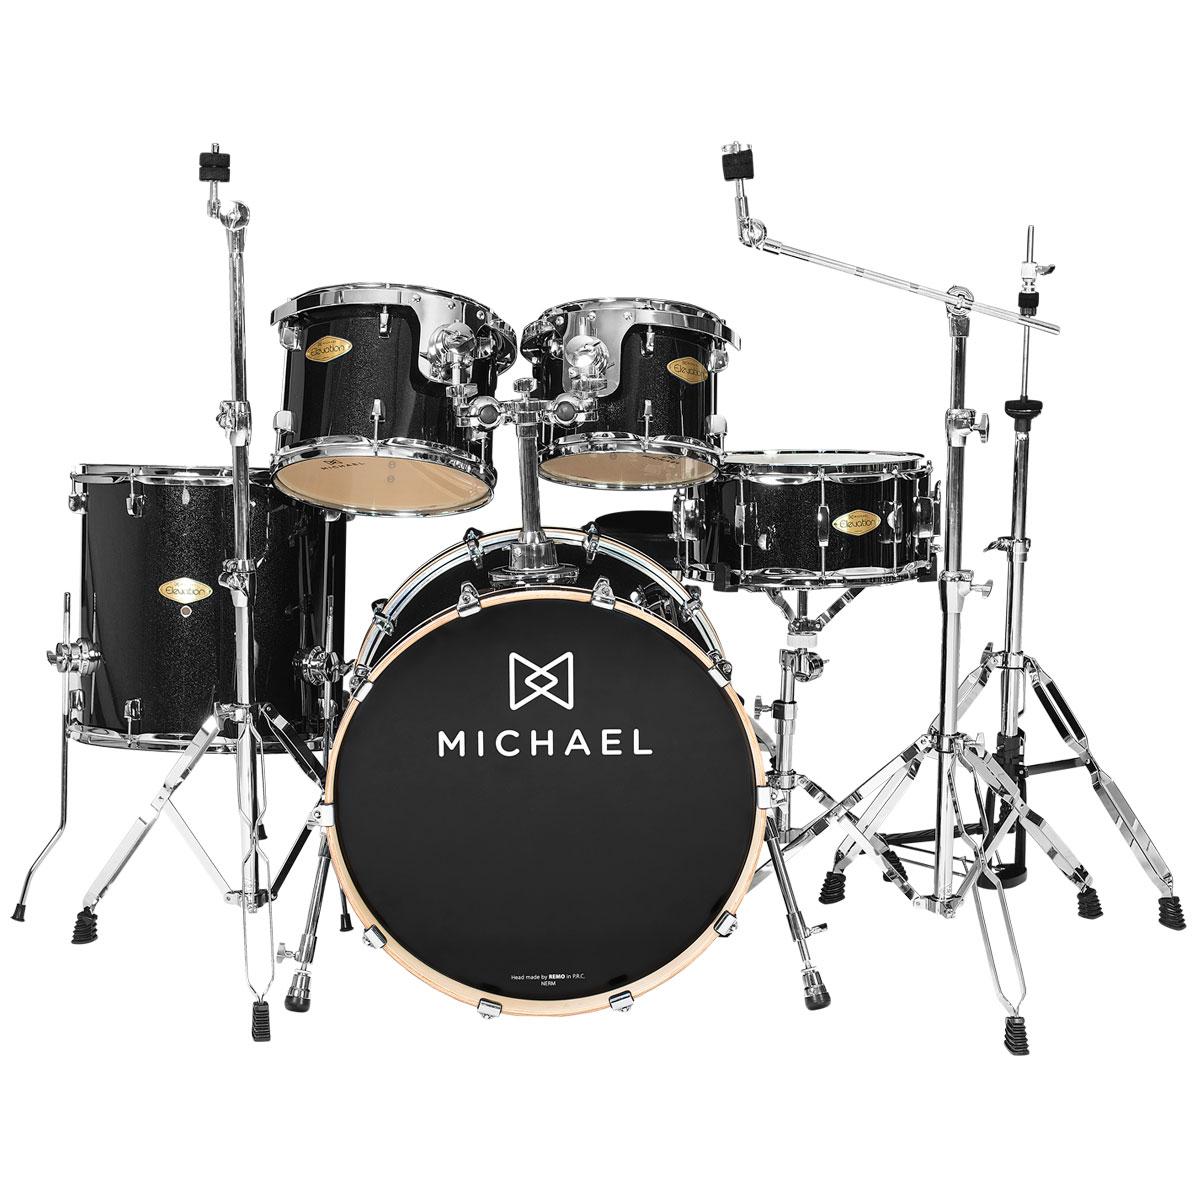 Bateria Acústica Bumbo 22 Polegadas Elevation DM853 BKS Preta Sparkle - Michael